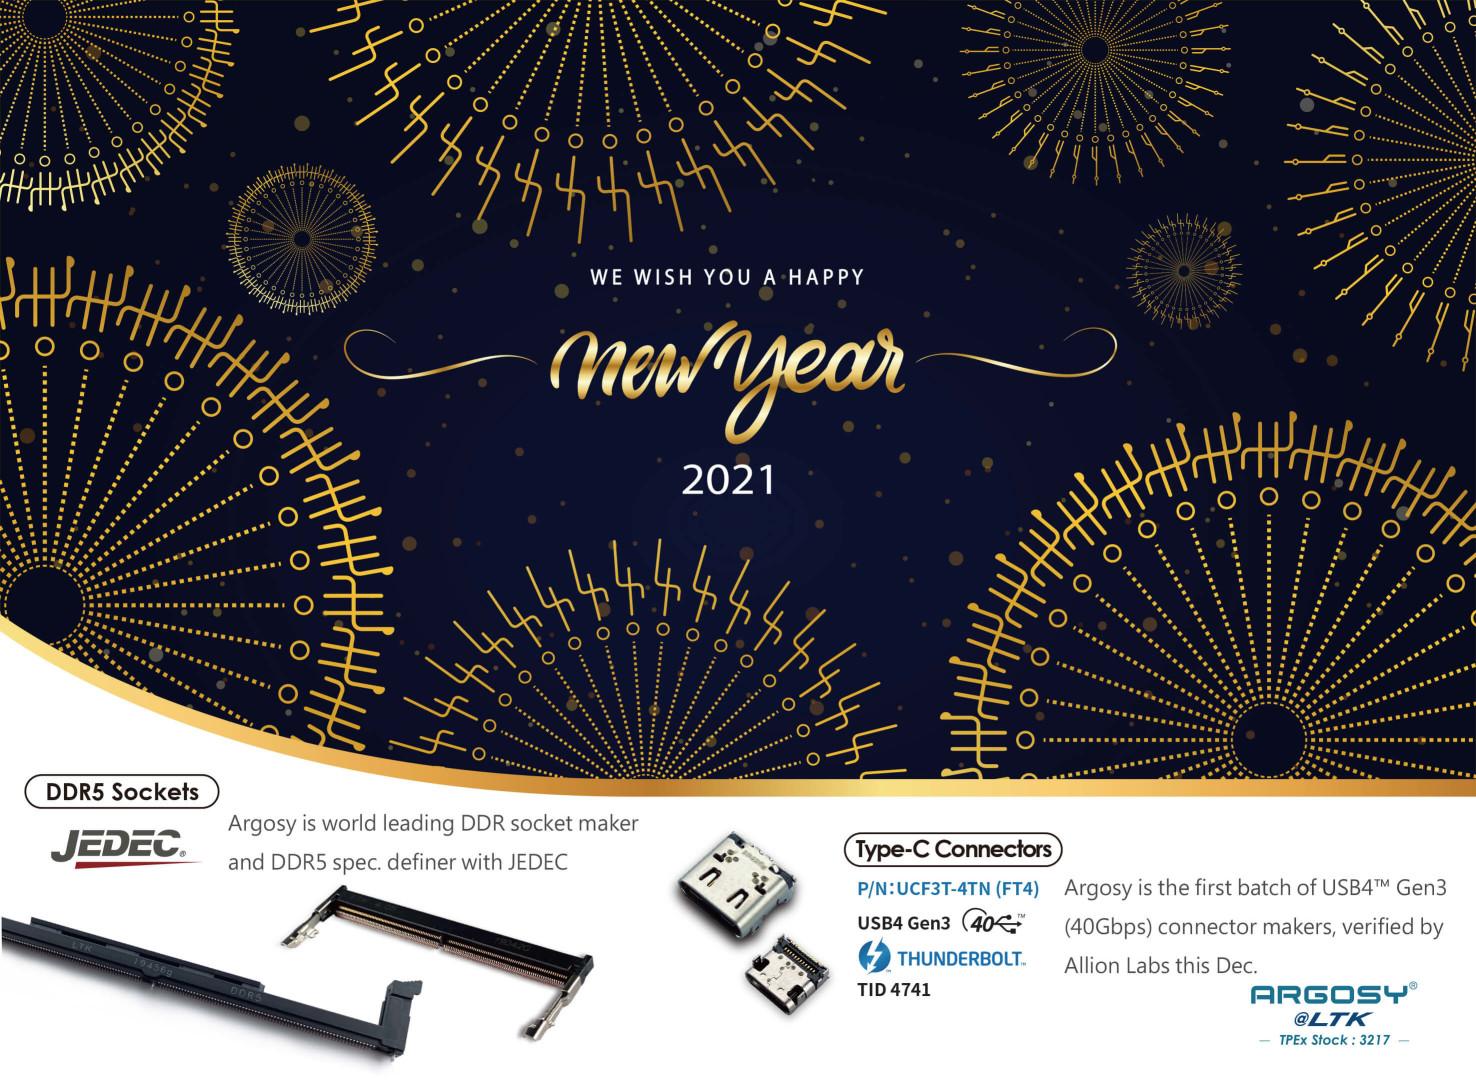 優群科技 2021新年祝賀, 2021年度產品: DDR5及USB4連接器